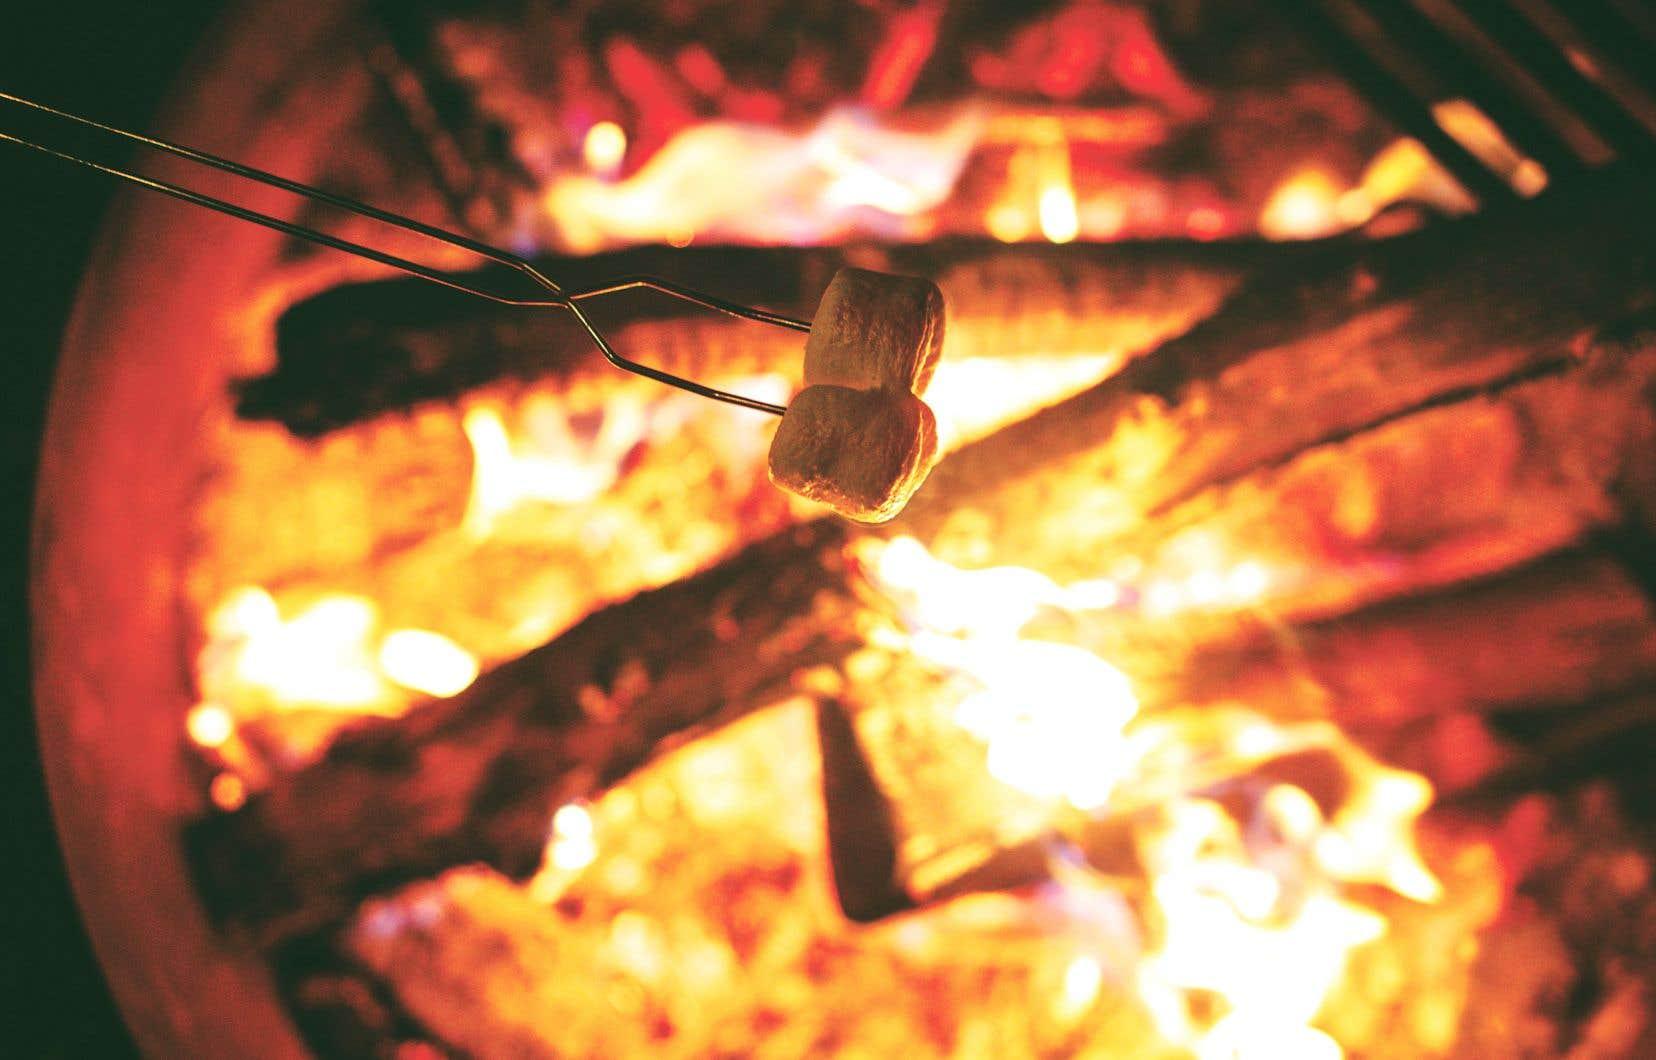 Des jeux de sociétéqui vous garantiront plaisir et fous rires autour de la table de pique-nique et du feu de camp.